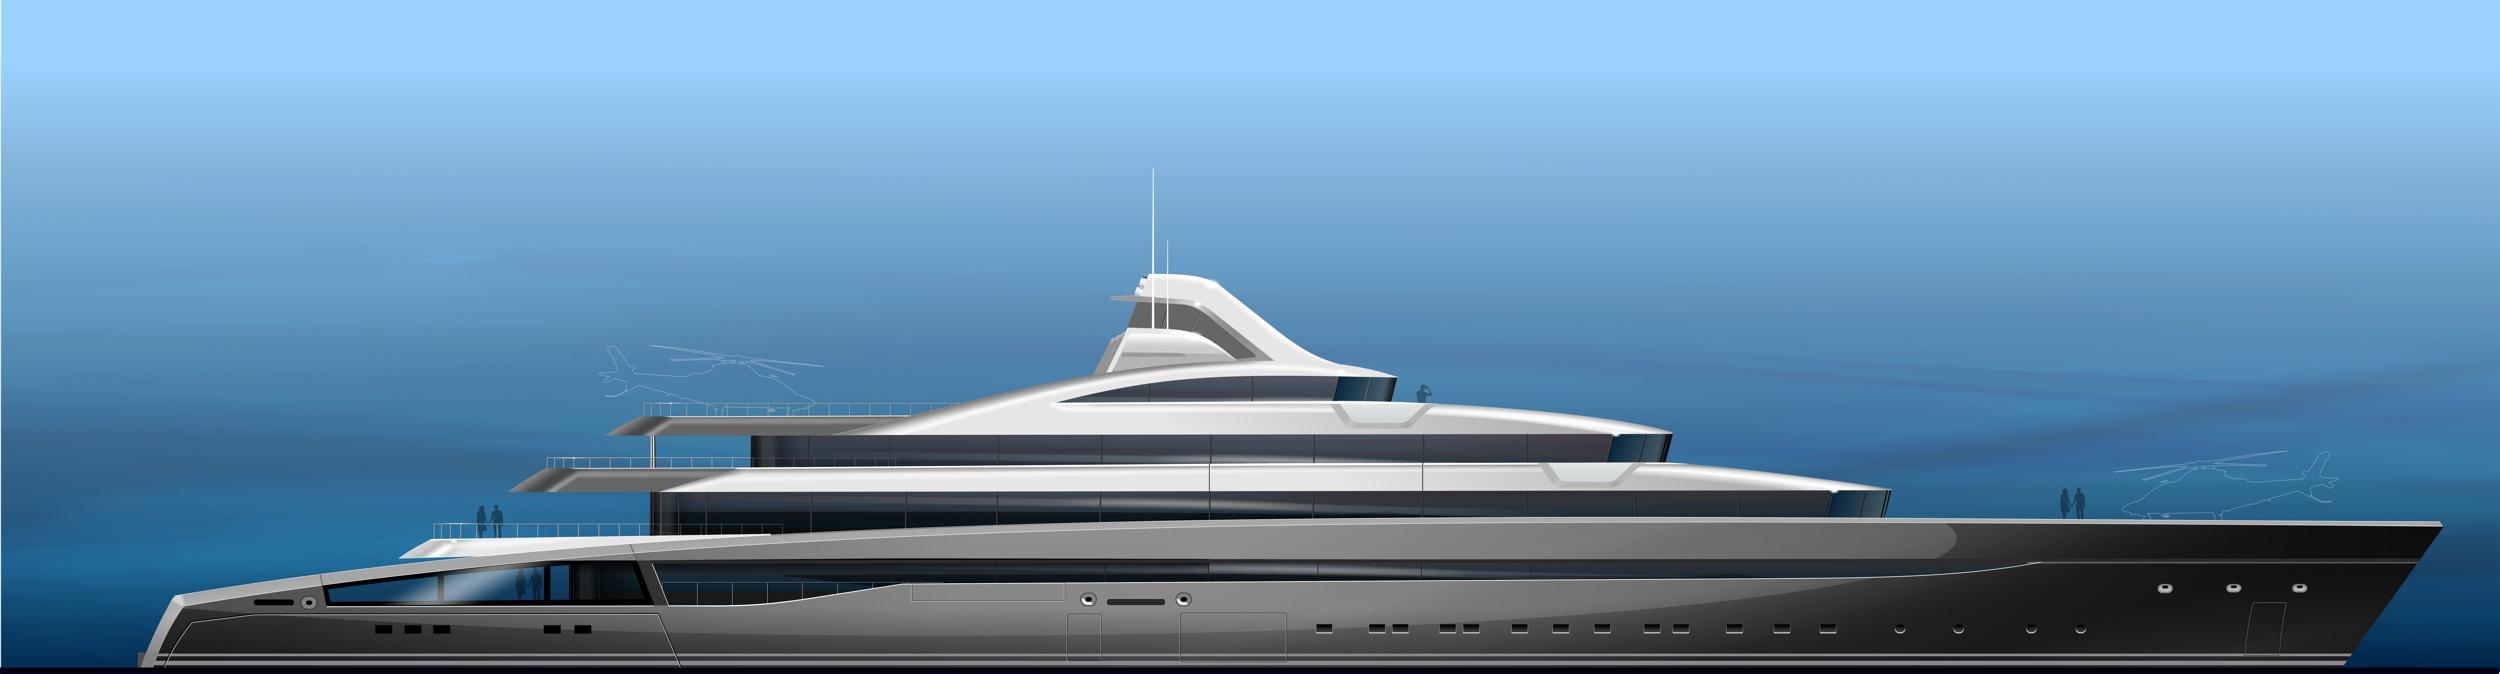 Castro Yacht 120m Tony Castro Yacht Concept